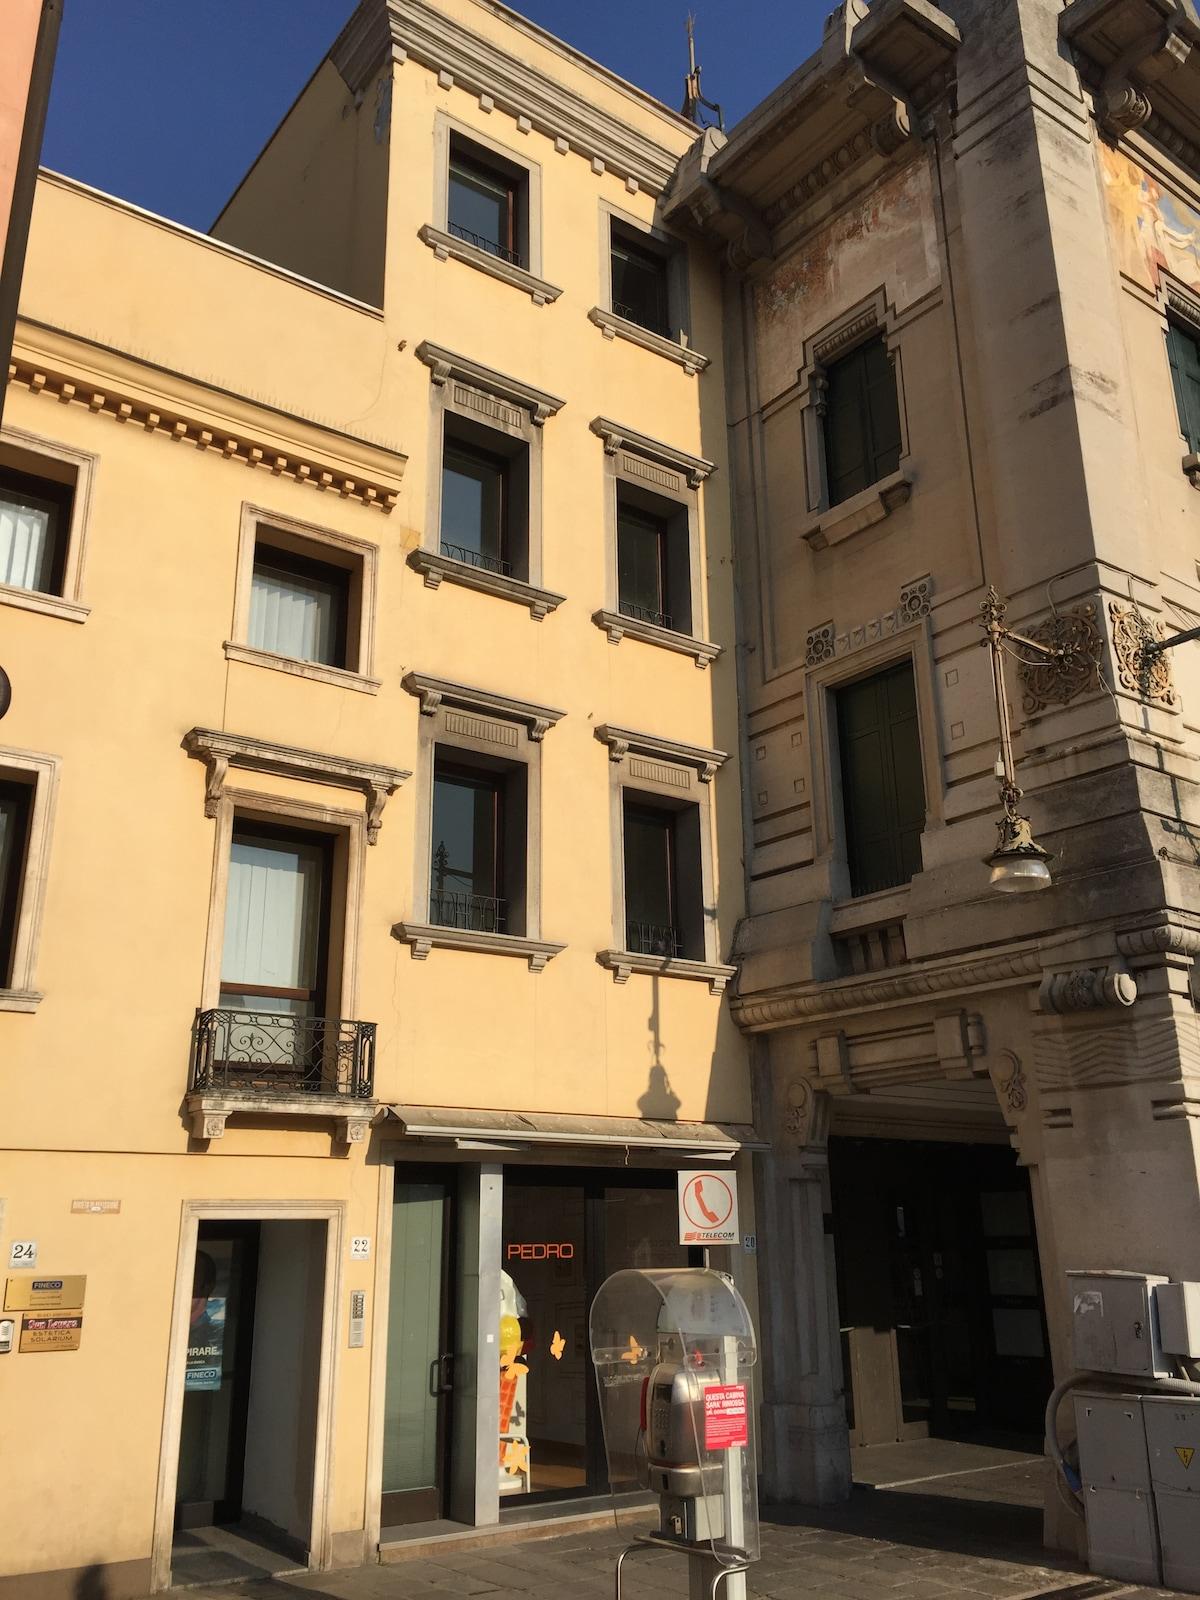 Piazza Ferretto Venezia 4